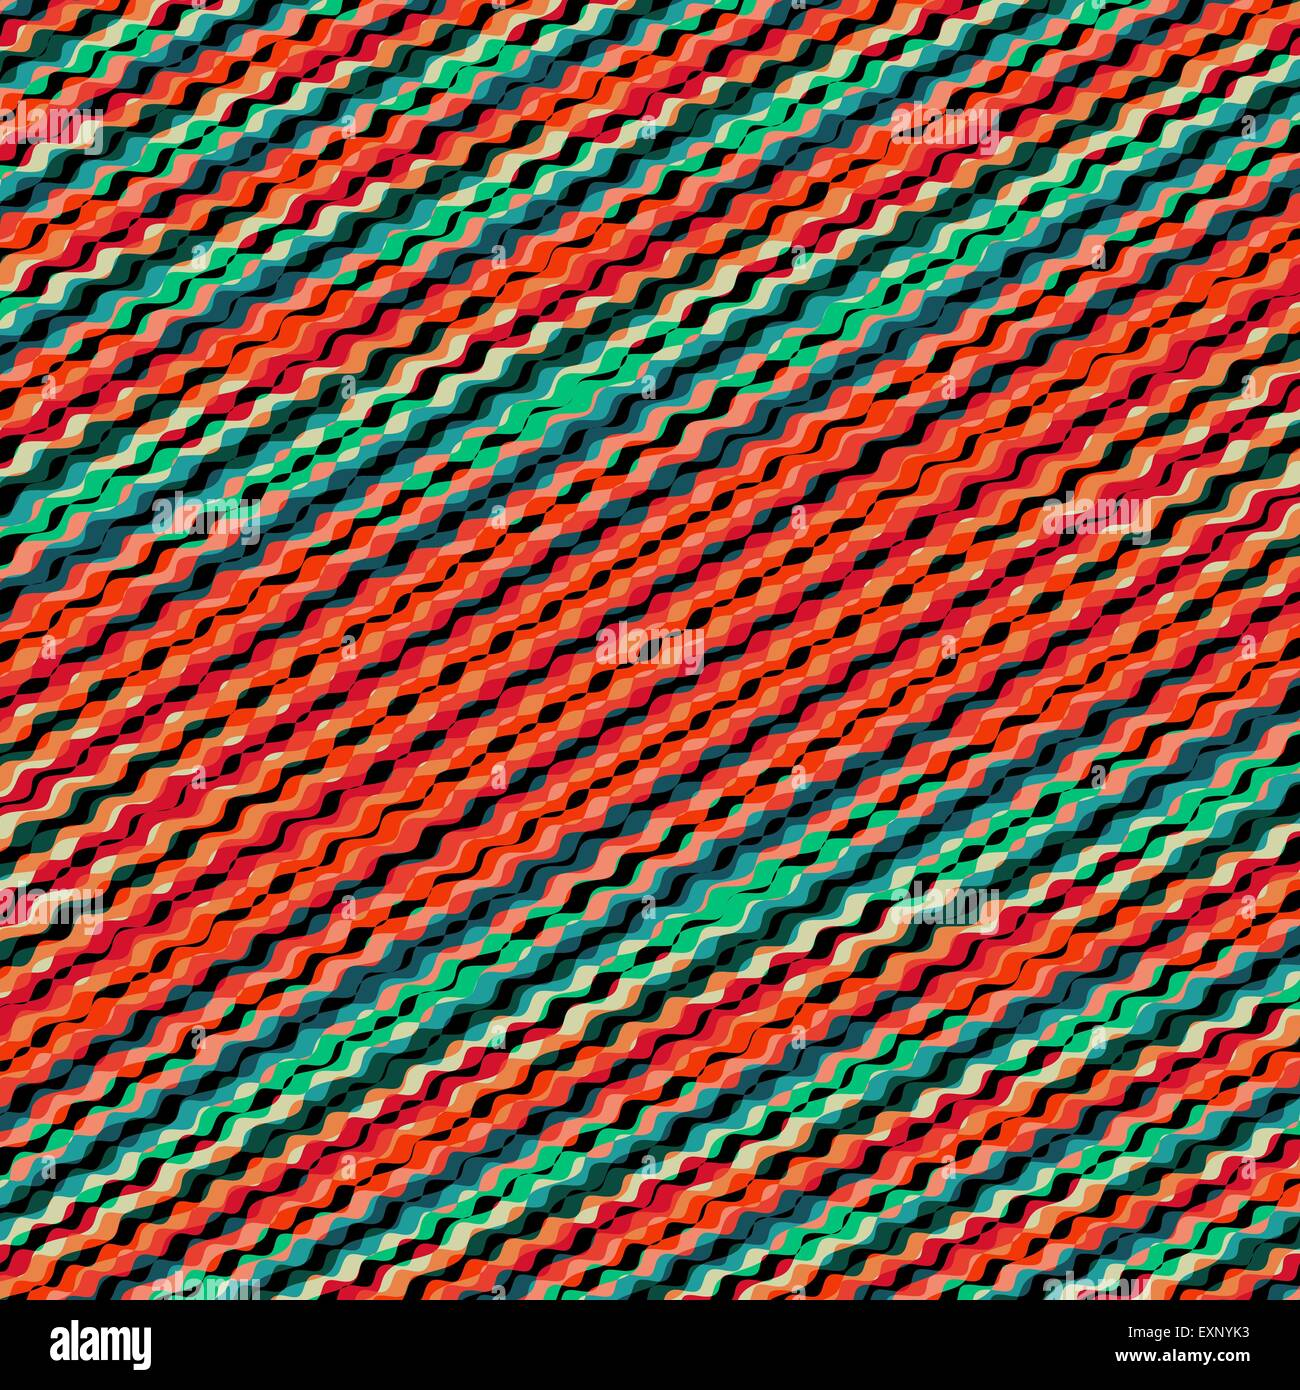 wavy volume background pattern